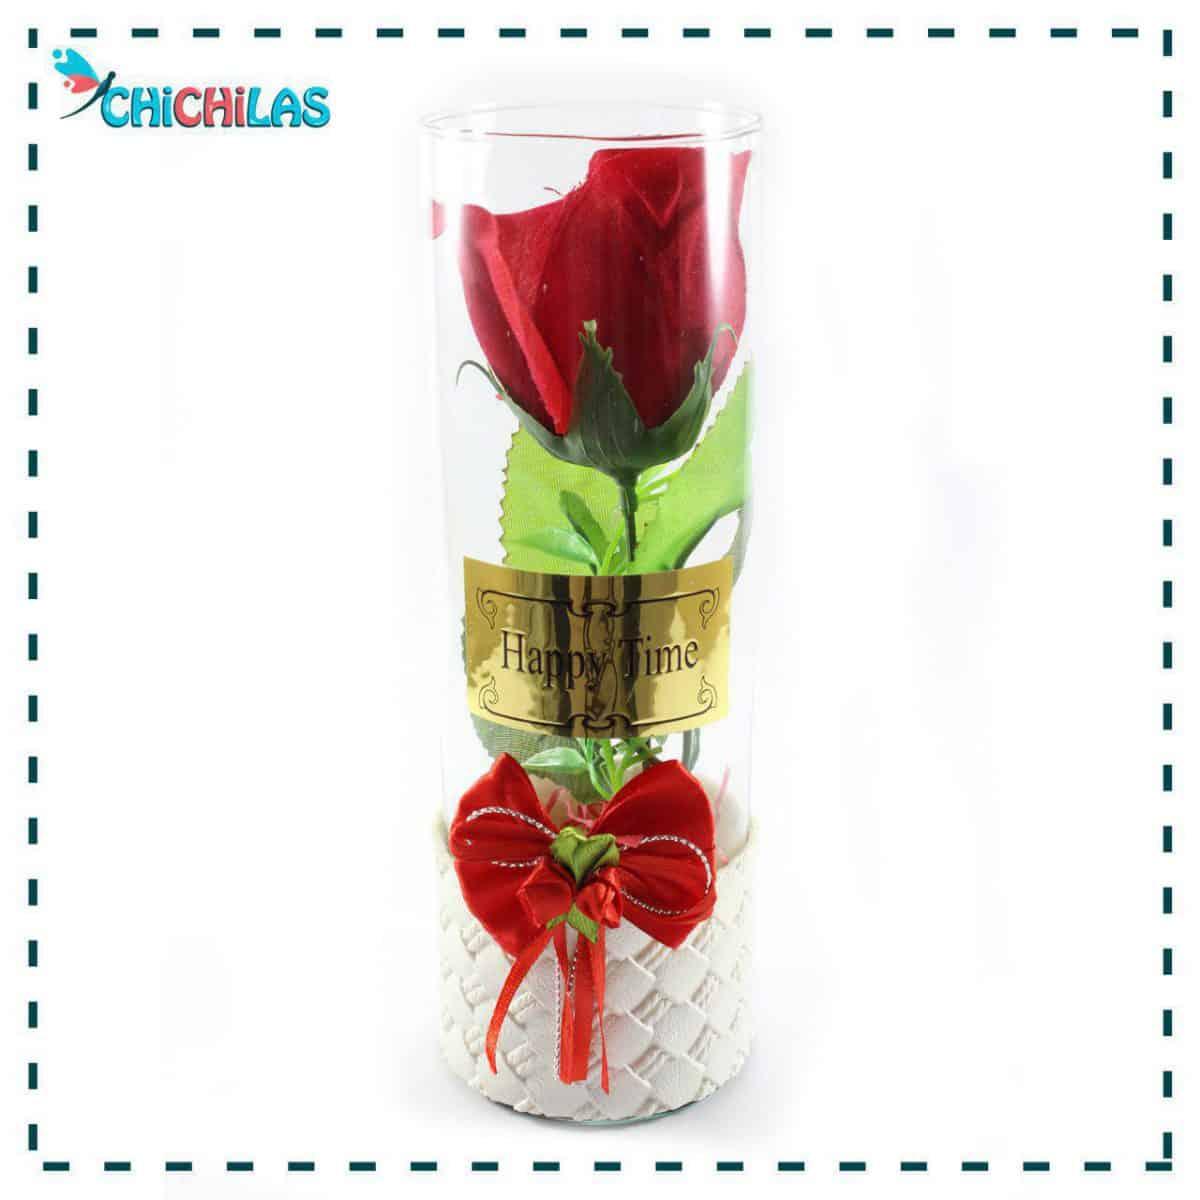 گلدان شیشه ای - گلدان دکوری - چیچیلاس - فروشگاه دکوری - گلدان رومیزی - کادویی - هدیه - ولنتاین